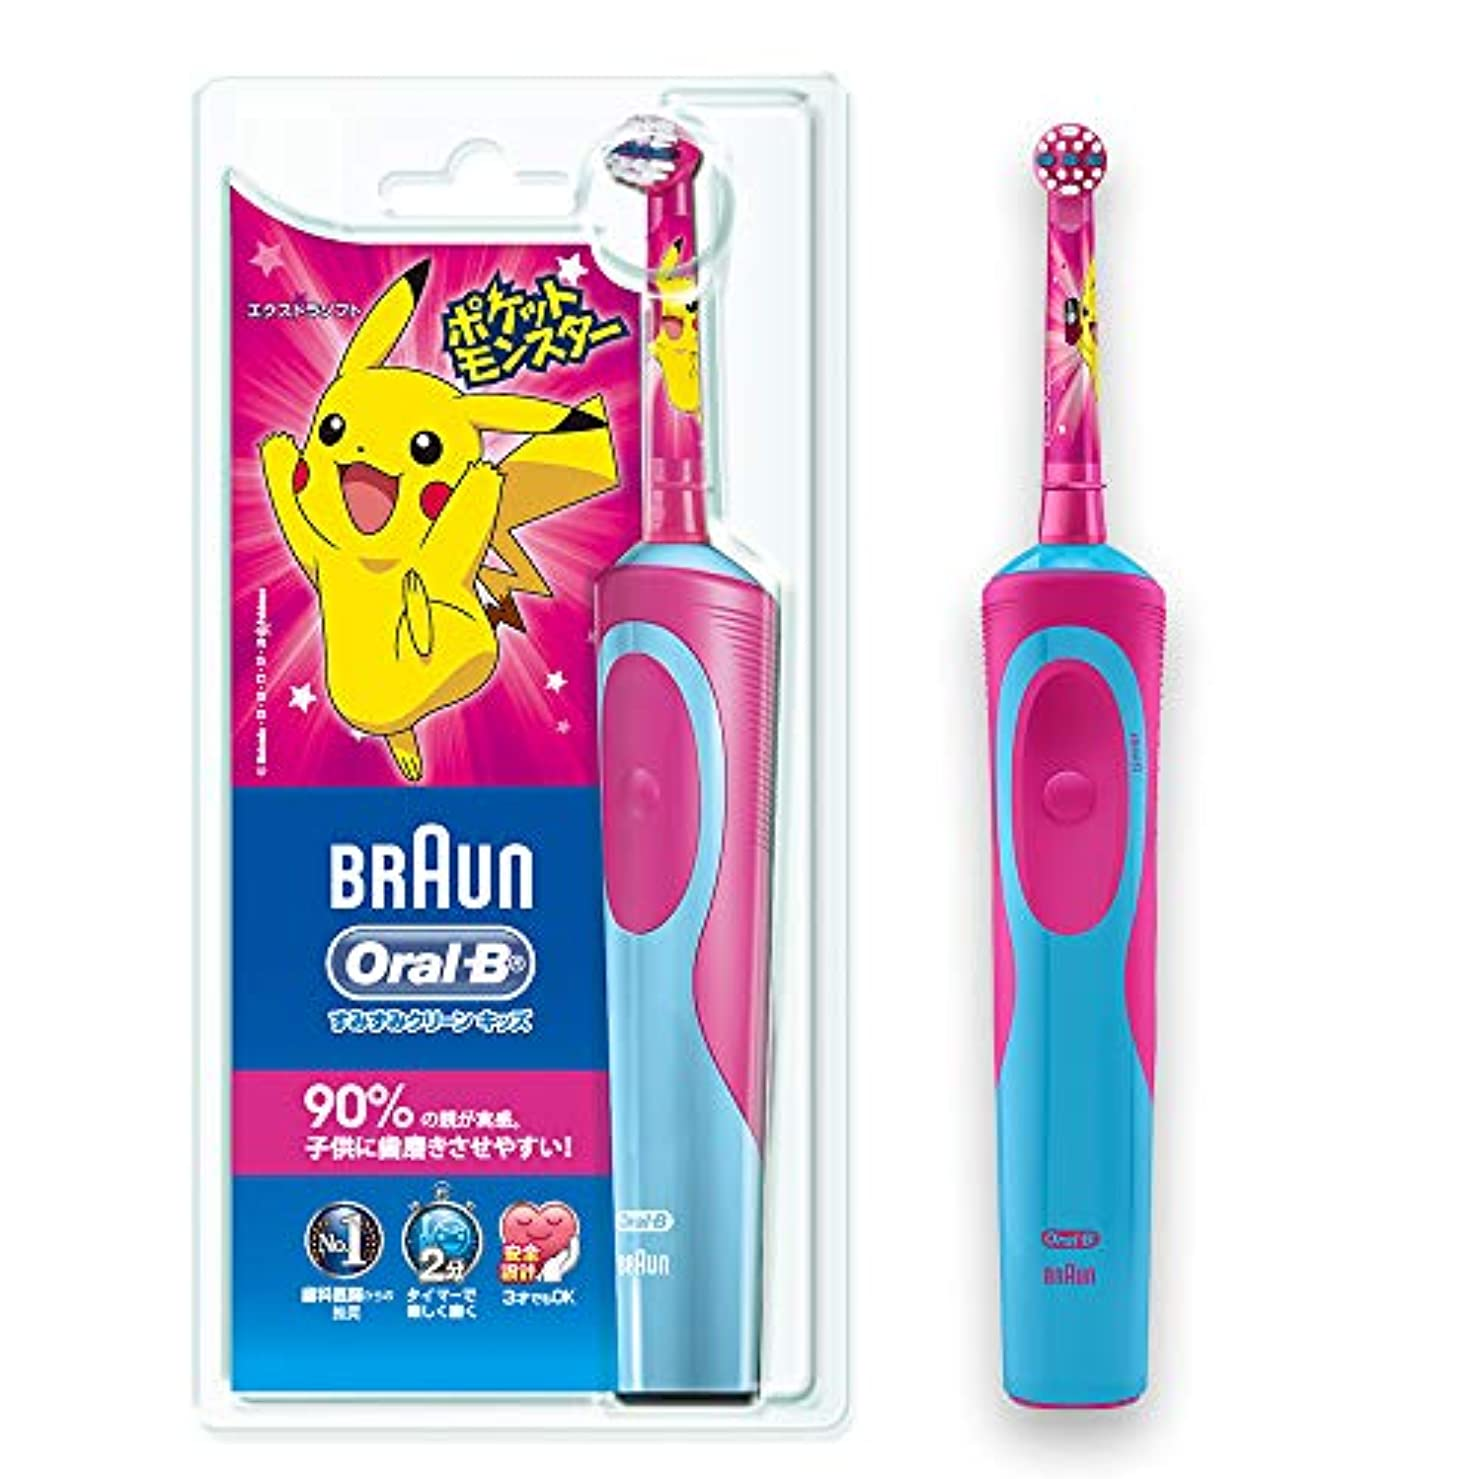 さわやかいうステープルブラウン オーラルB 電動歯ブラシ 子供用 D12513KPKMG すみずみクリーンキッズ 本体 ピンク ポケモン 歯ブラシ